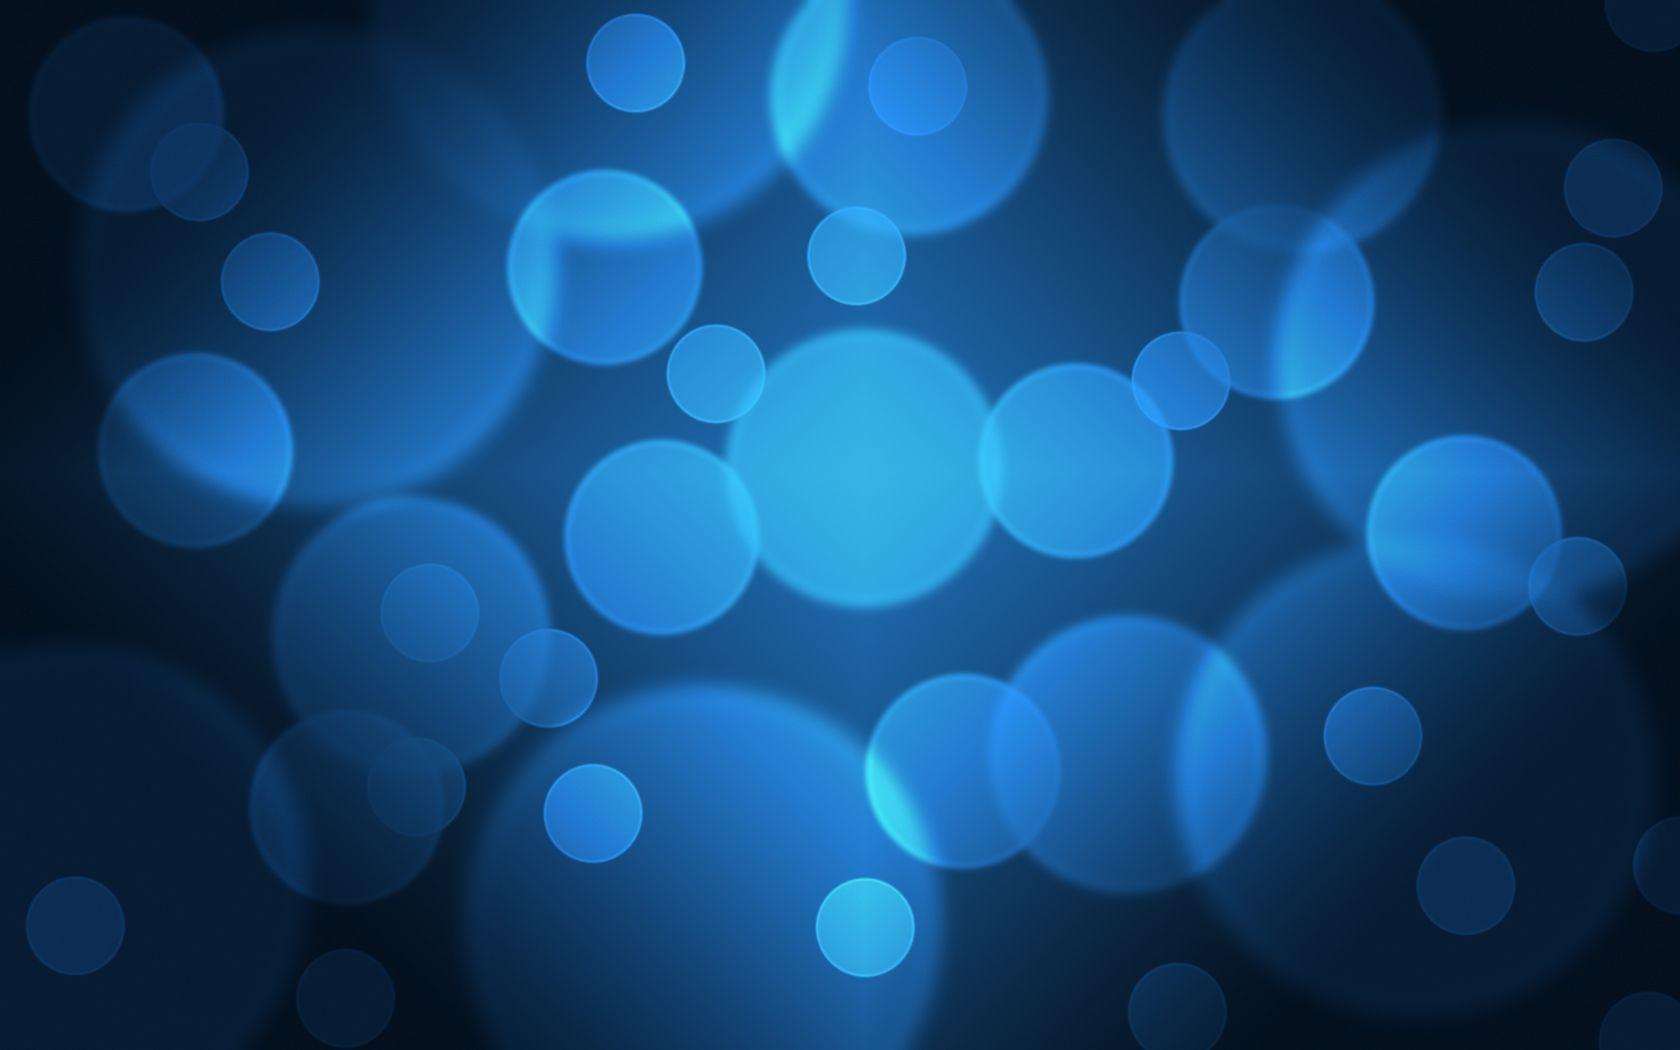 Bubble Wallpaper 1008 1920 x 1200 WallpaperLayercom Download